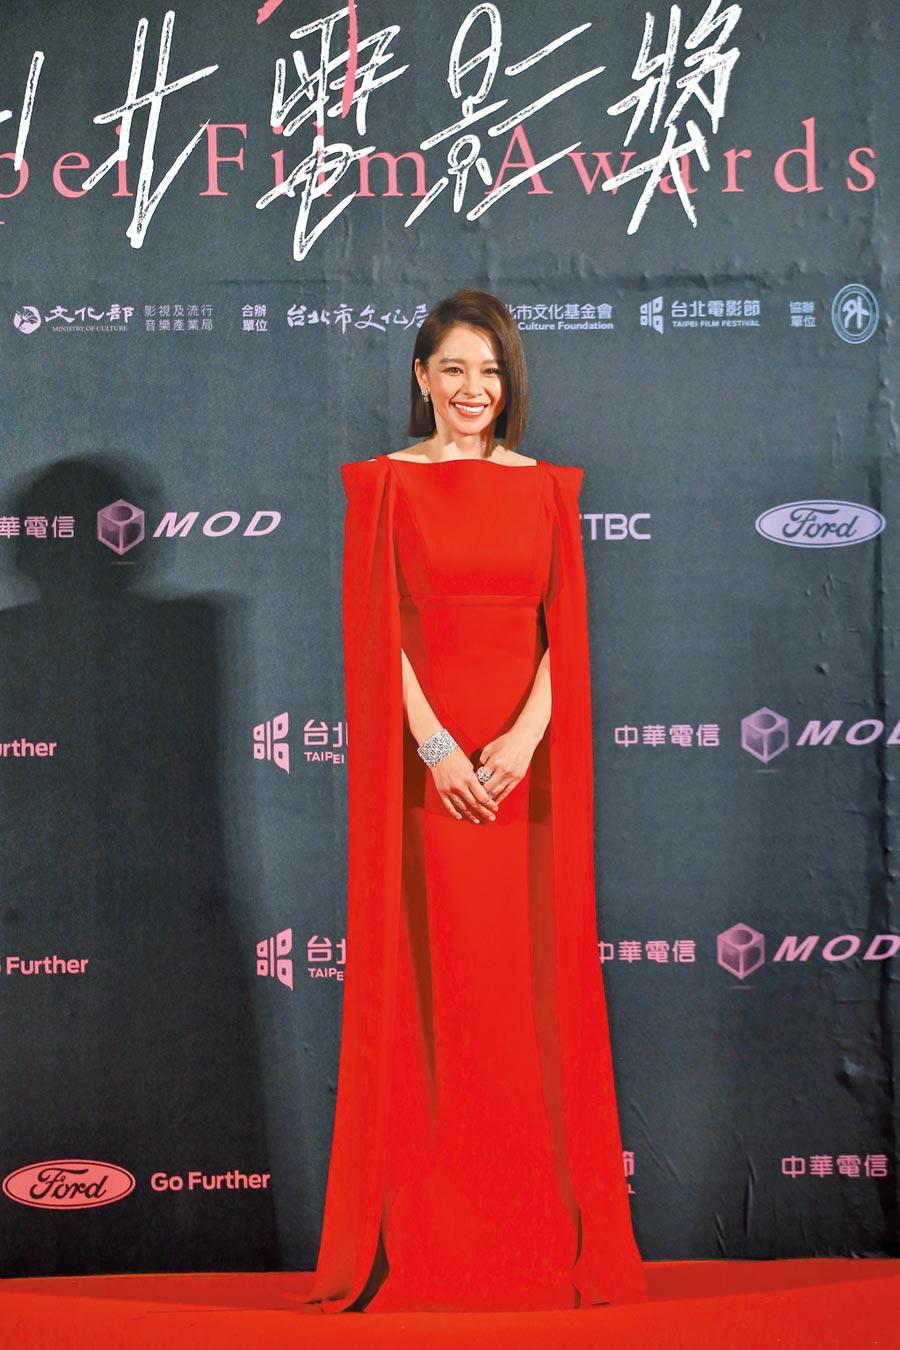 徐若瑄身上的DIVINA紅色披風禮服,被兒子認為造型像超人。